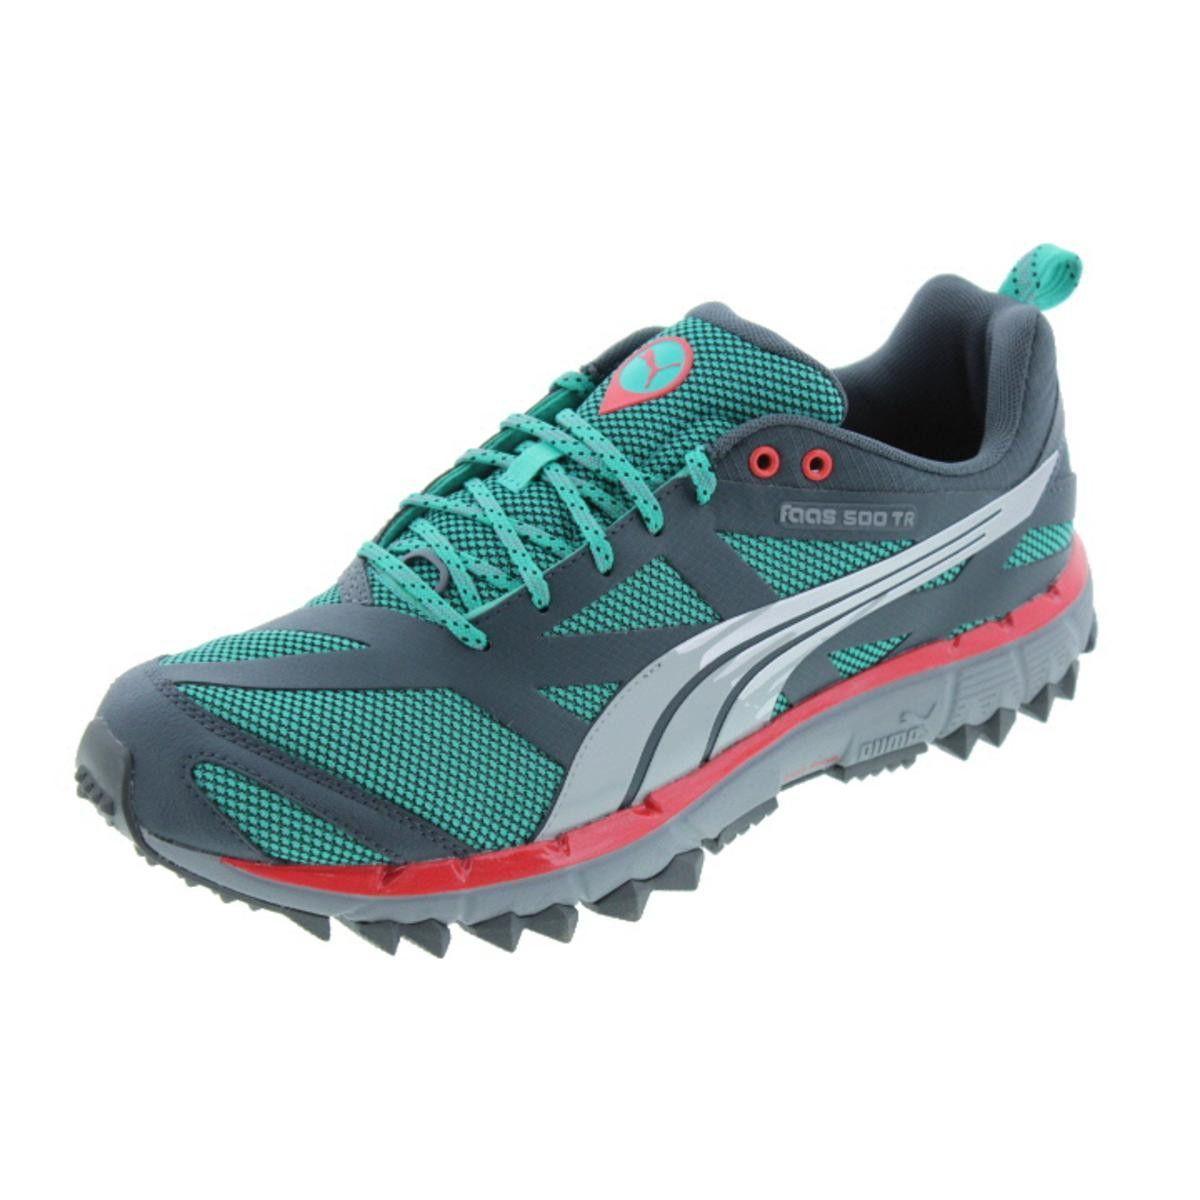 Puma Mens Faas 300 V3 Ombre EverTrack ginnastica, scarpe da